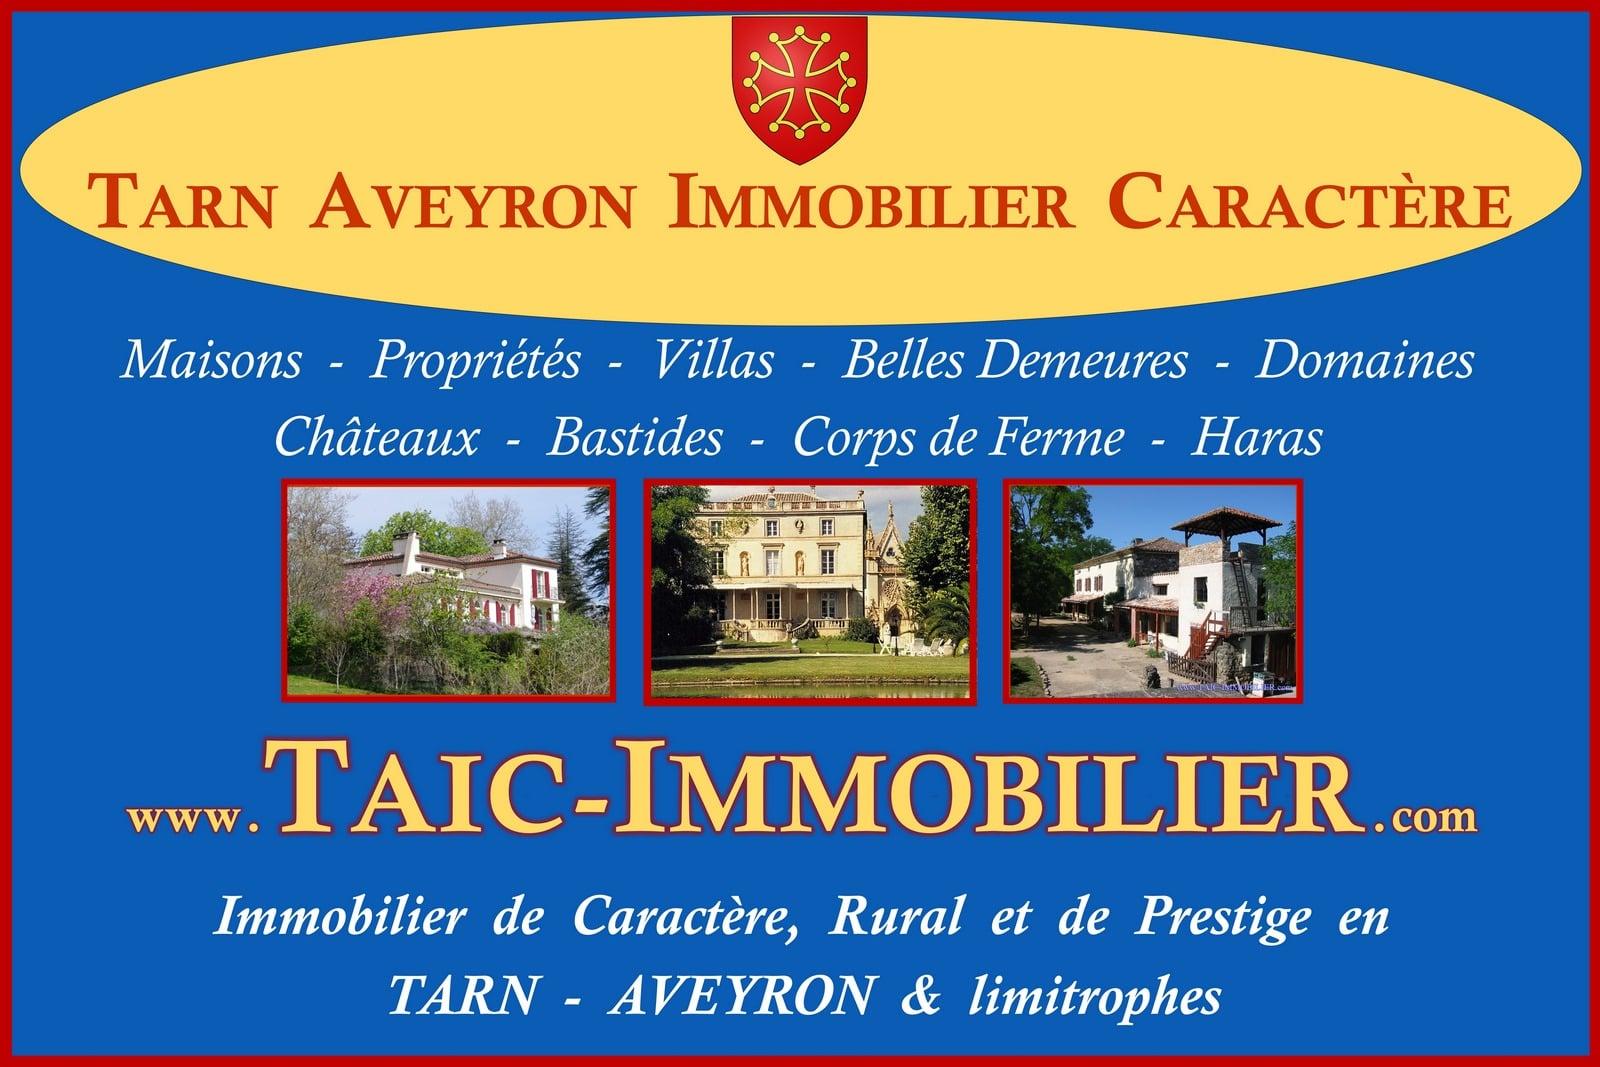 Immobilier de Caractère Tarn Aveyron-min